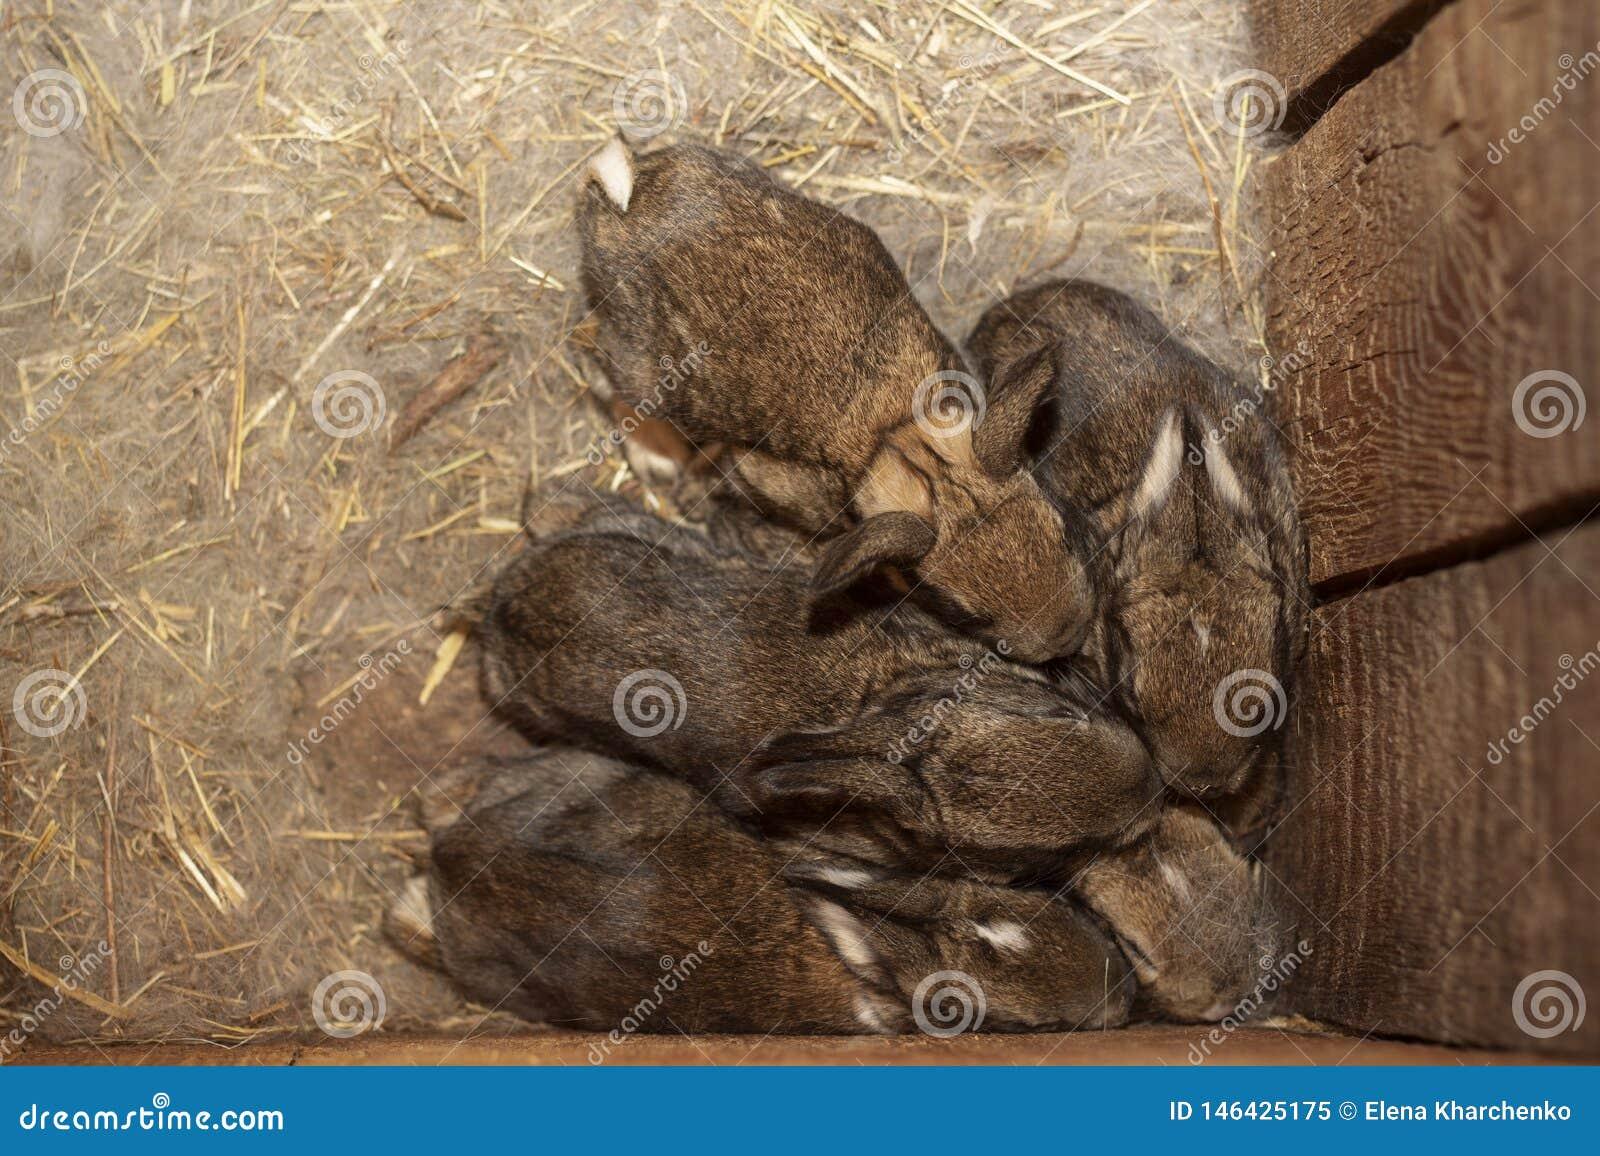 Κουνέλια μωρών σε μια θερμή φωλιά του μαλλιού που πιέζεται ο ένας εναντίον του άλλου